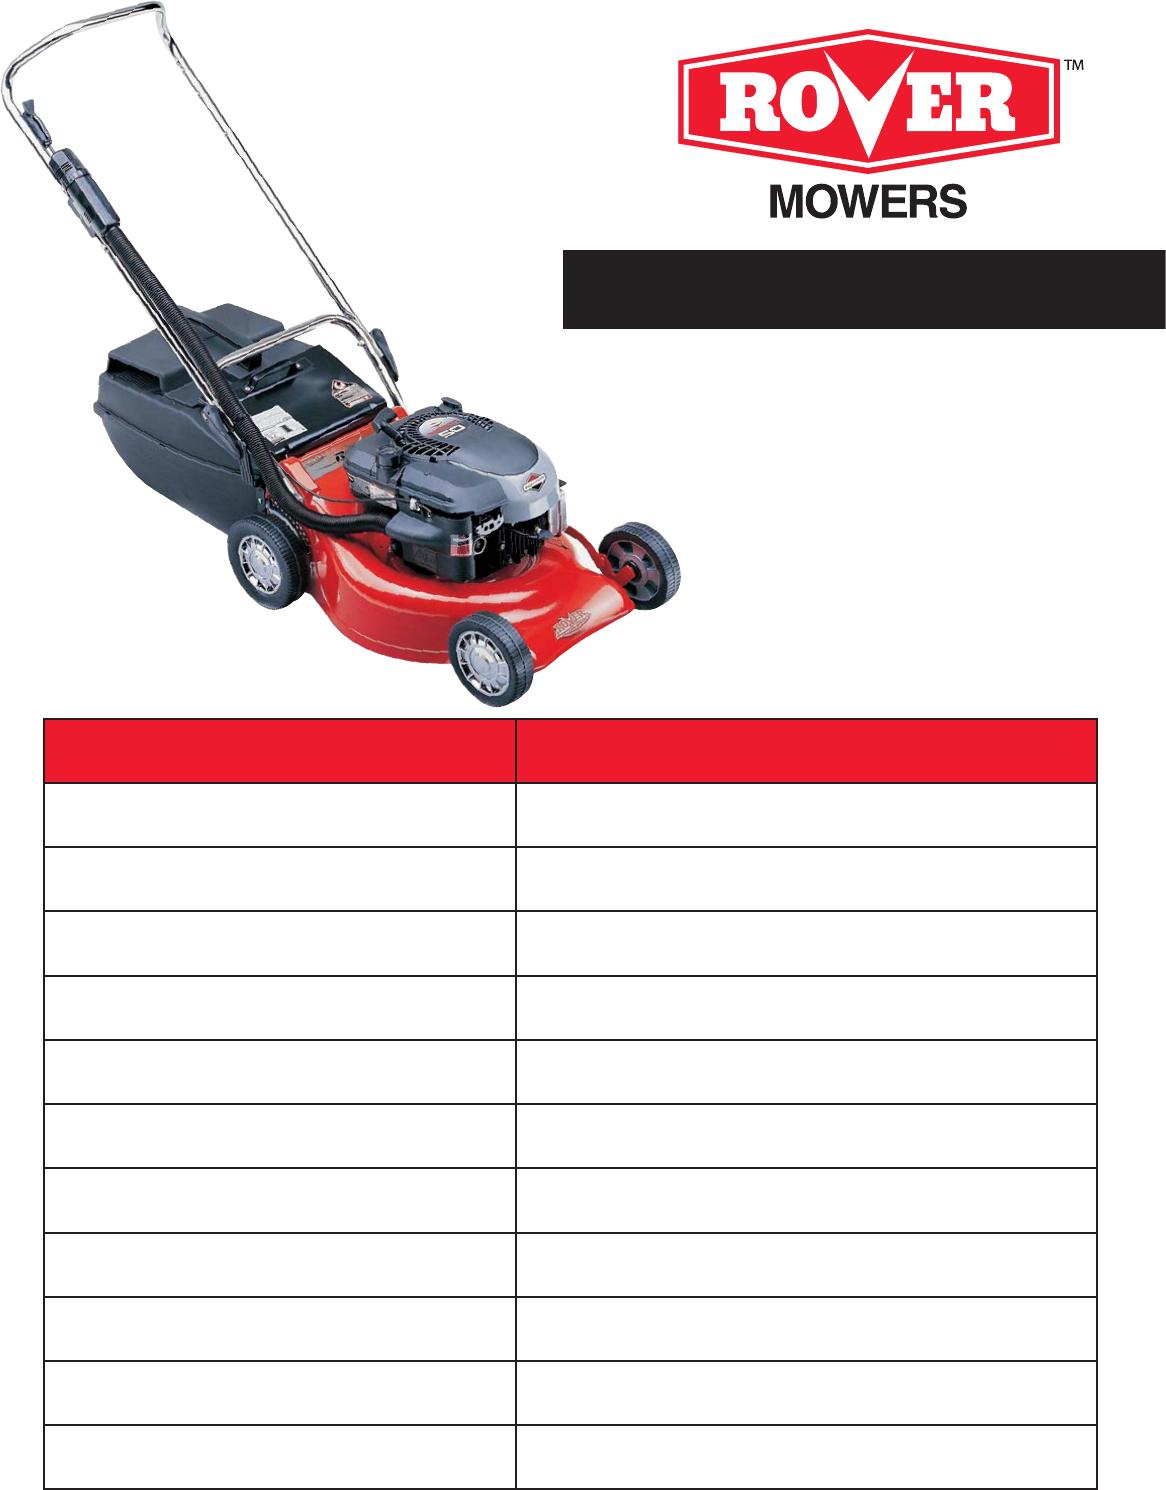 Univex 35692 Lawn Mower User Manual